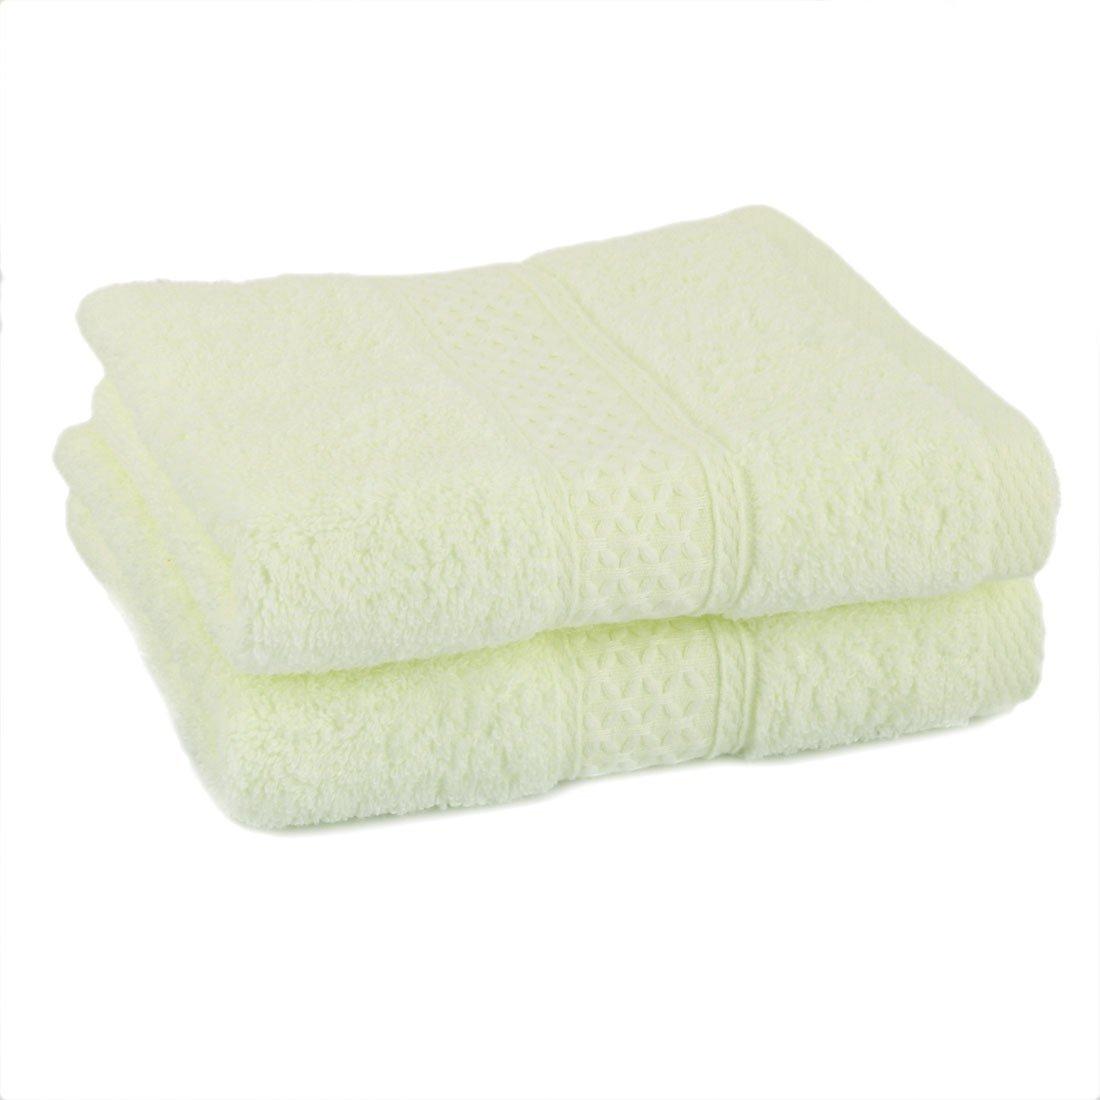 Amazon.com: eDealMax 100% Algodón Mezcla Inicio Baño Suavidad absorbencia DE 3 piezas de toallas conjunto de bandas de la luz ámbar: Home & Kitchen